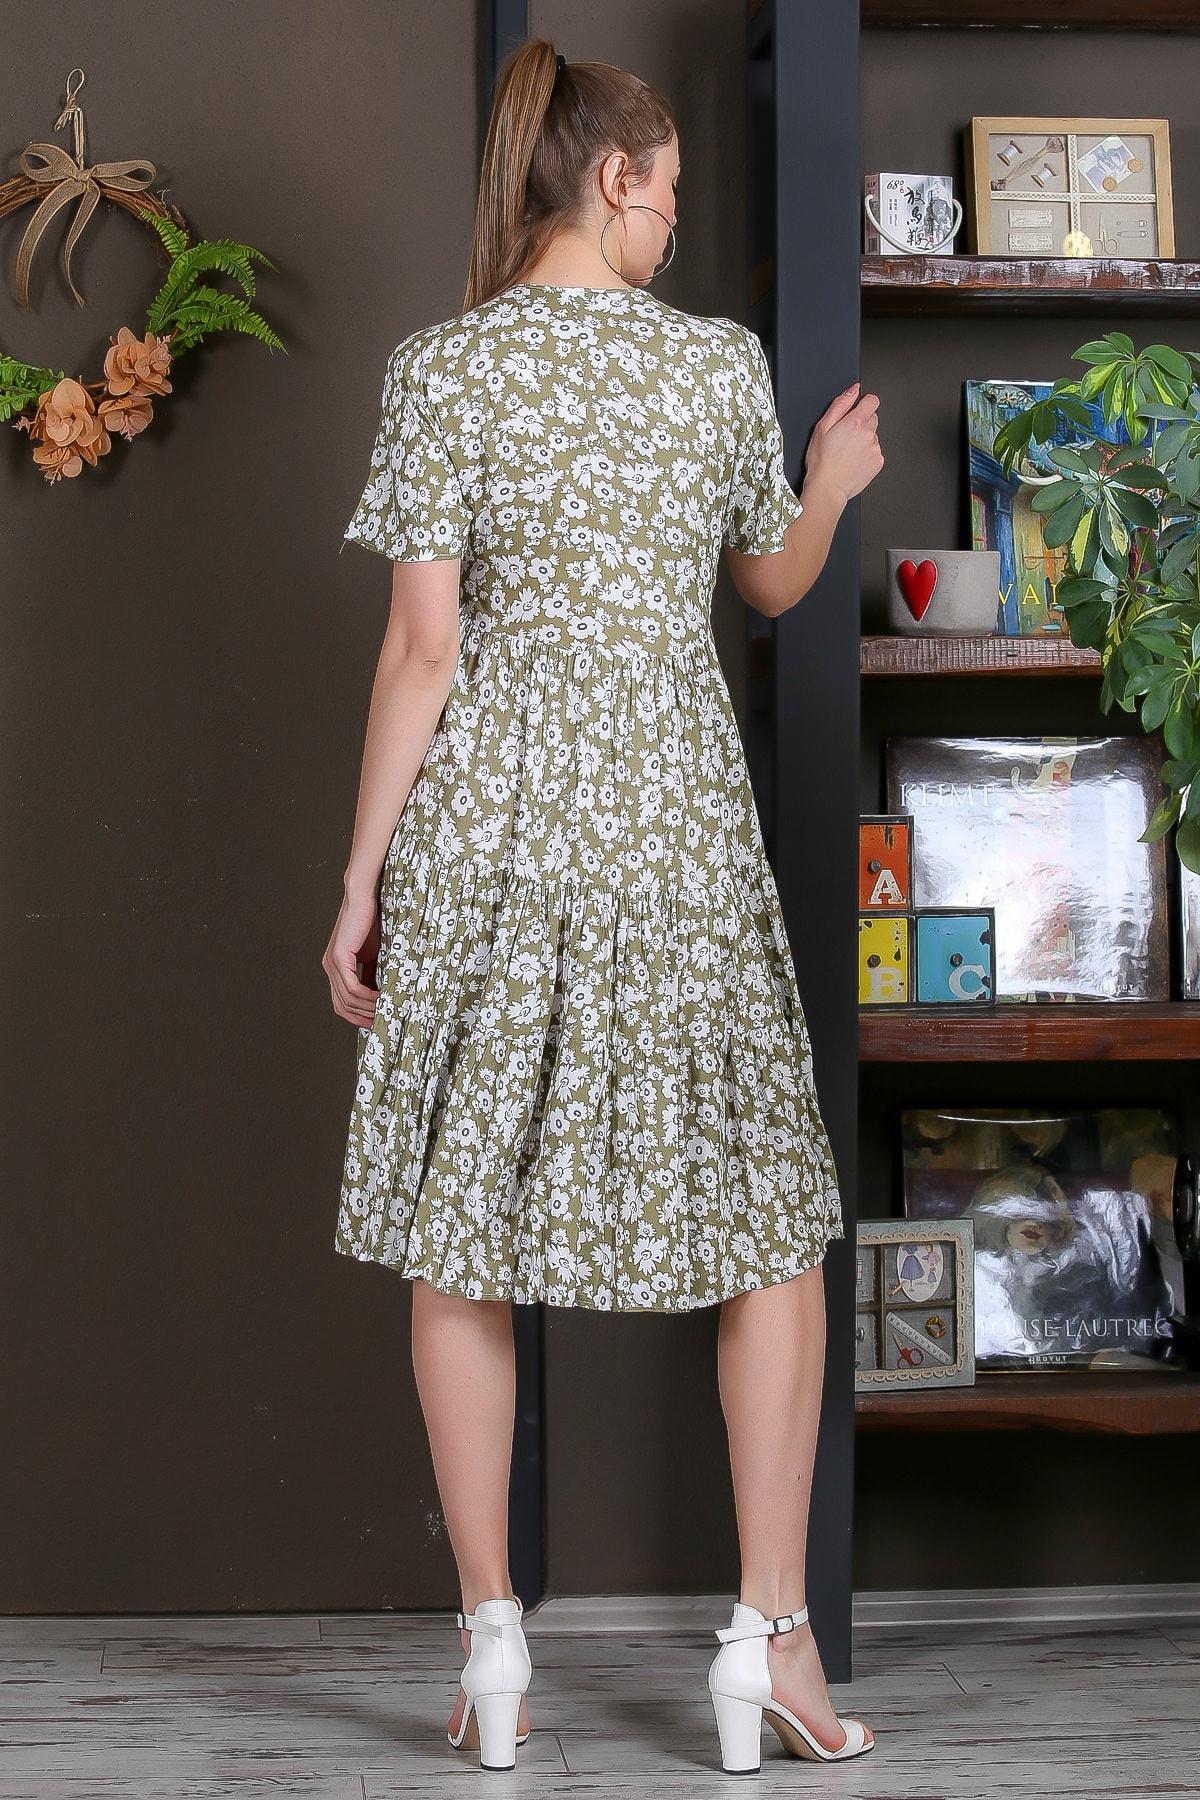 Chiccy Kadın Yeşil Düşük Kol V Yaka Fırfırlı Dokuma Midi Elbise M10160000EL95432 4